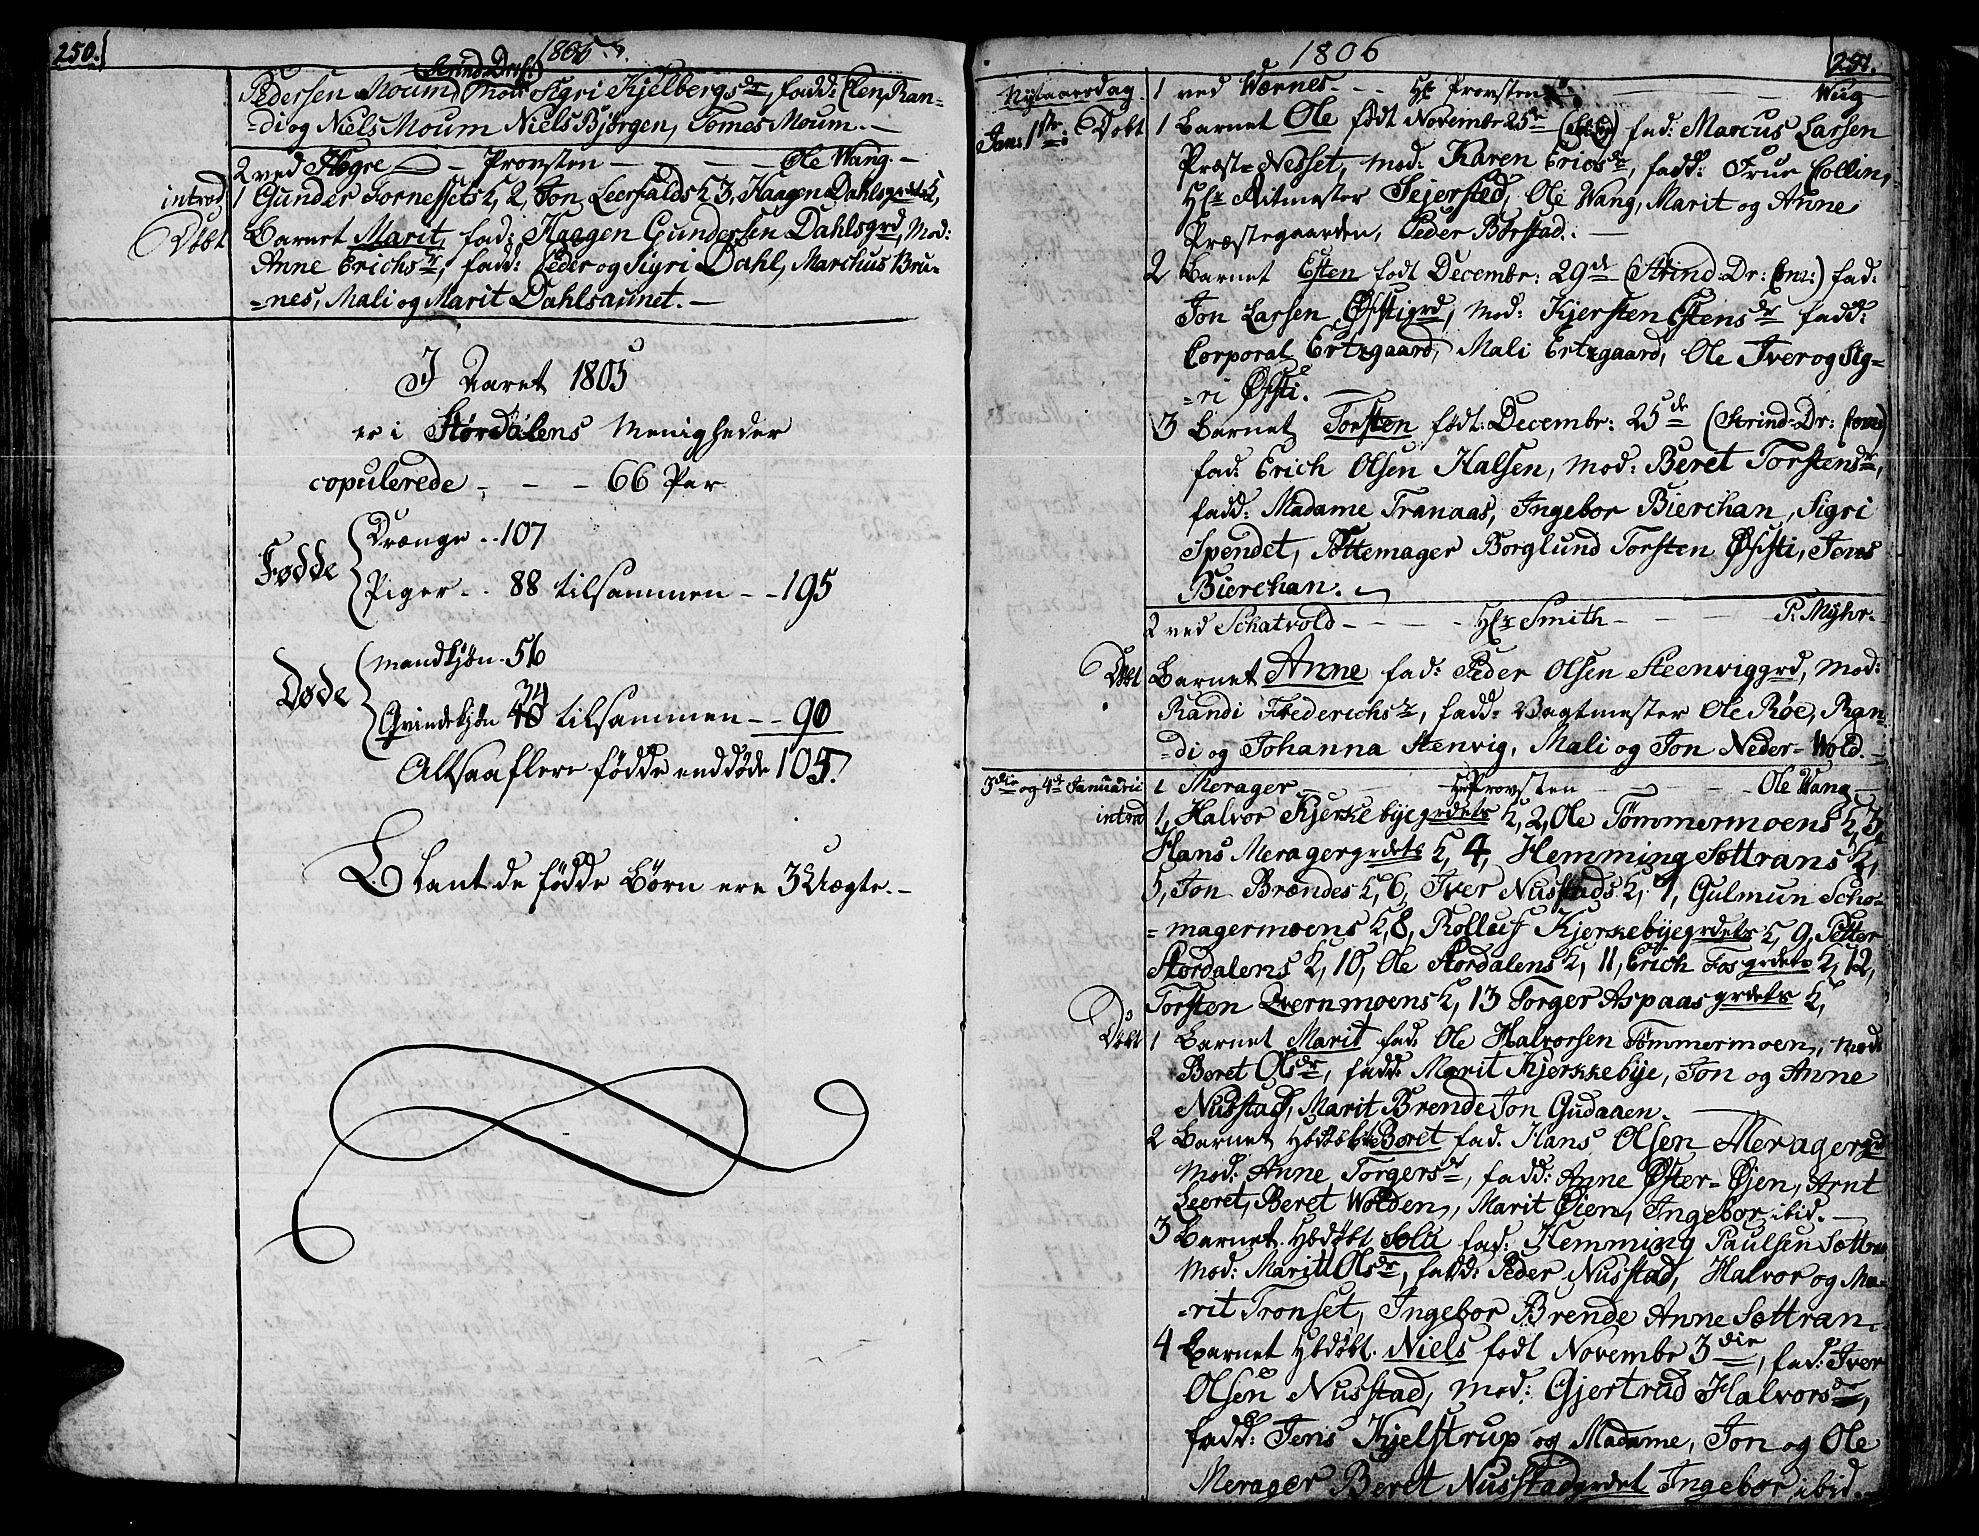 SAT, Ministerialprotokoller, klokkerbøker og fødselsregistre - Nord-Trøndelag, 709/L0060: Ministerialbok nr. 709A07, 1797-1815, s. 250-251